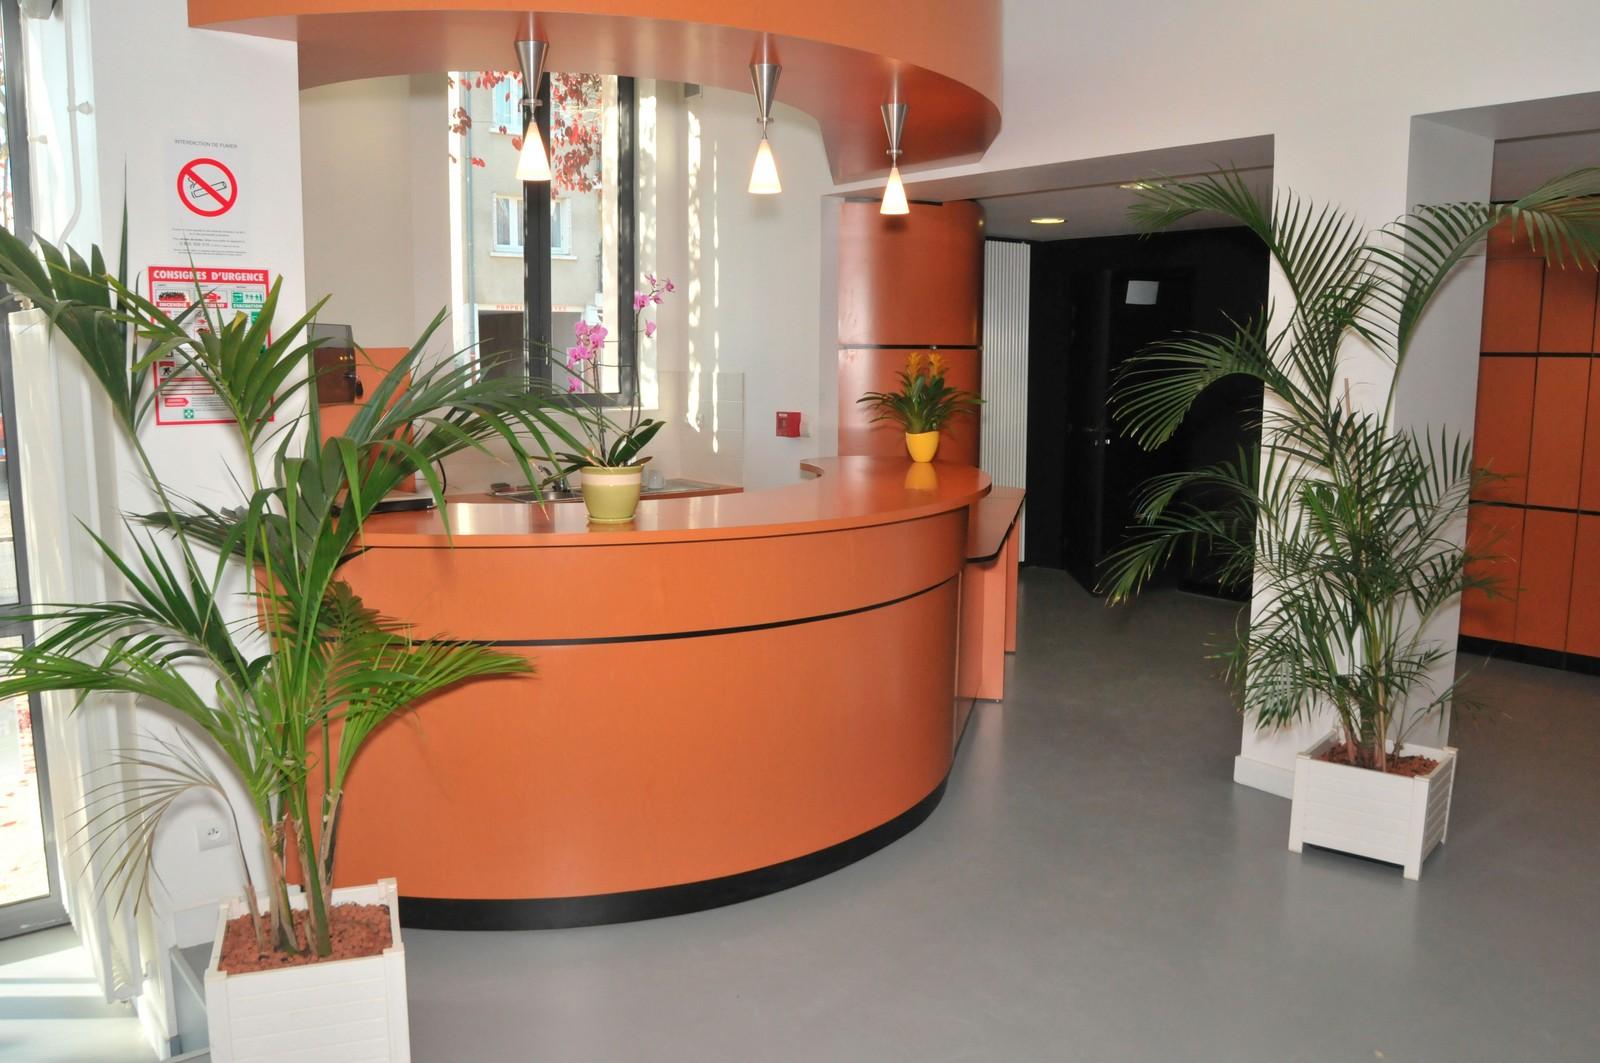 Espace de convivialité bar du Geyser salle de spectacle Bellerive sur Allier